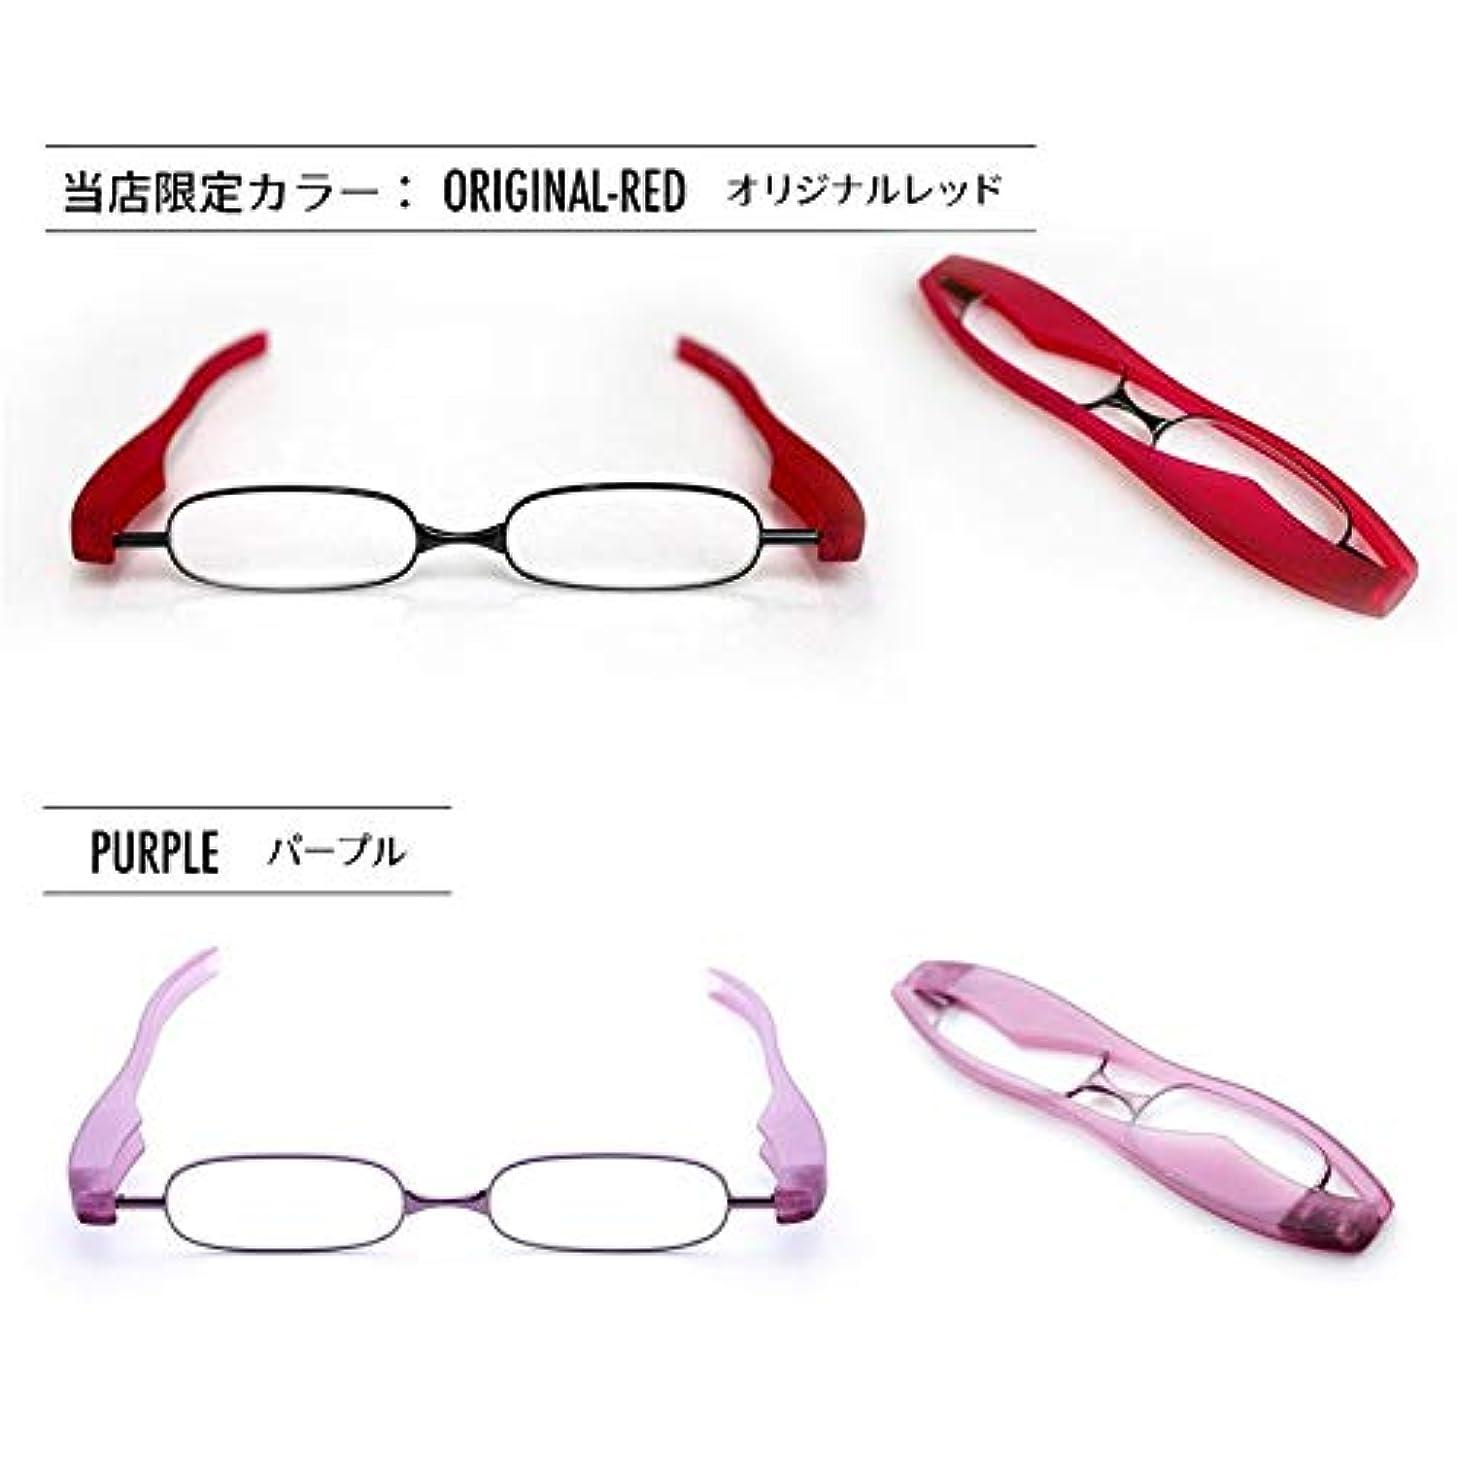 老眼鏡 ポットリーダースマート 2本セット【オリジナルレッド(1.0)】+【パープル(2.5)】